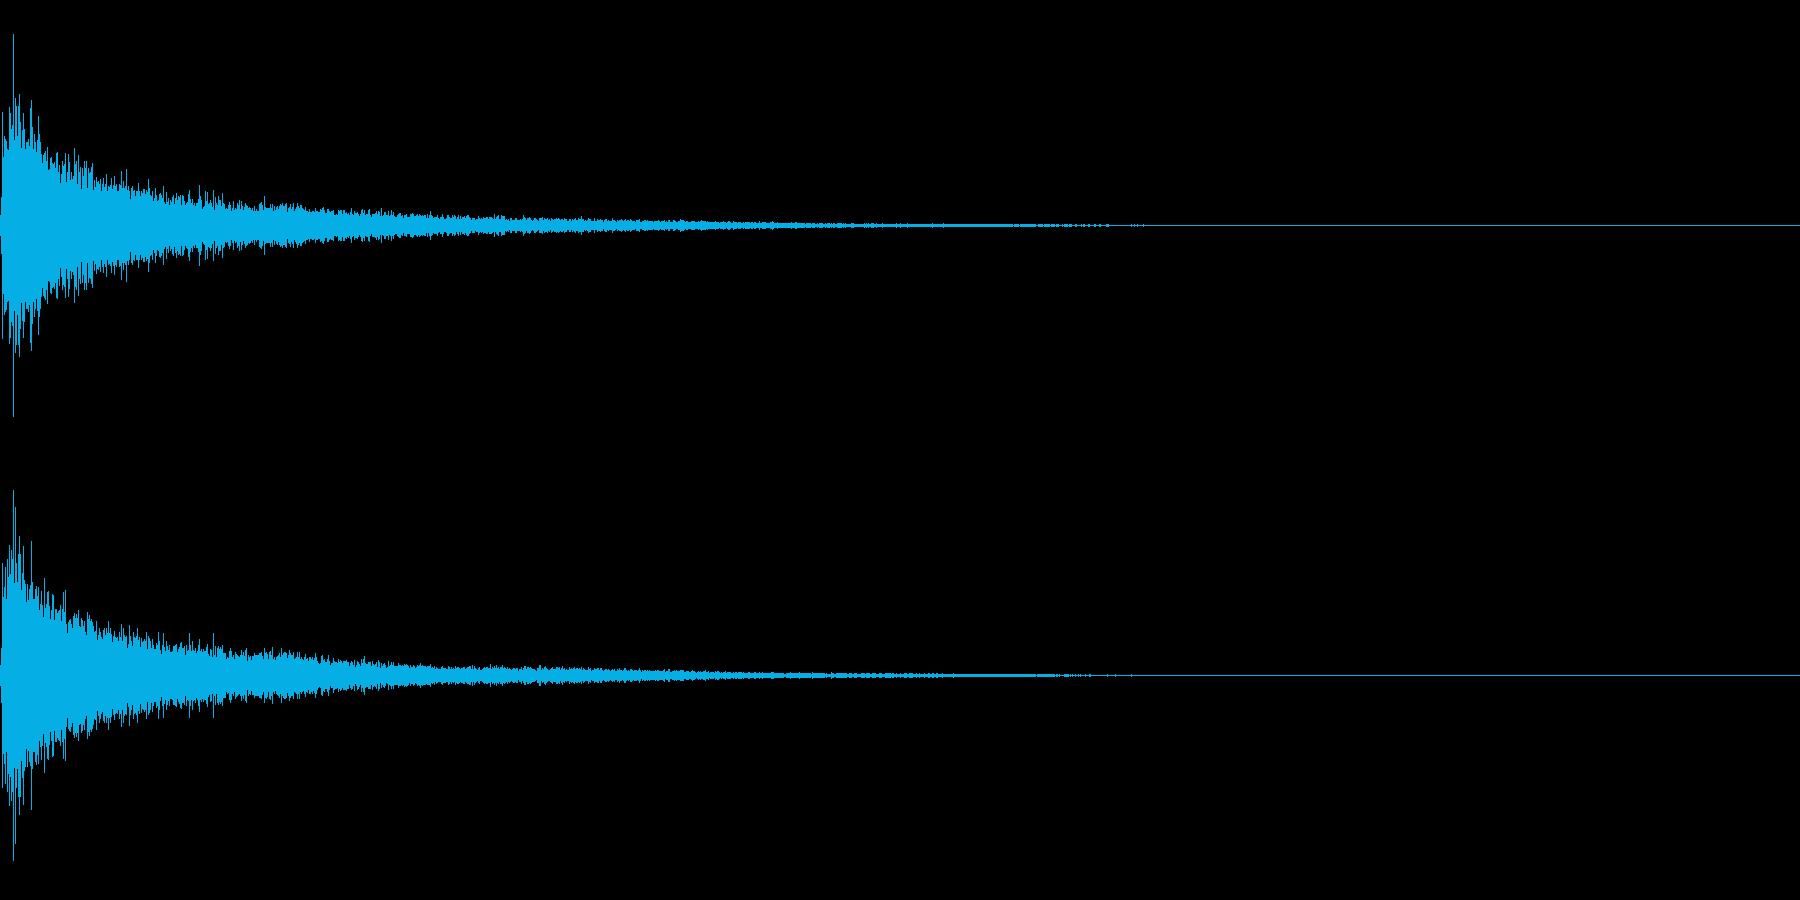 ティンパニーとシンバル☆ドン!2の再生済みの波形